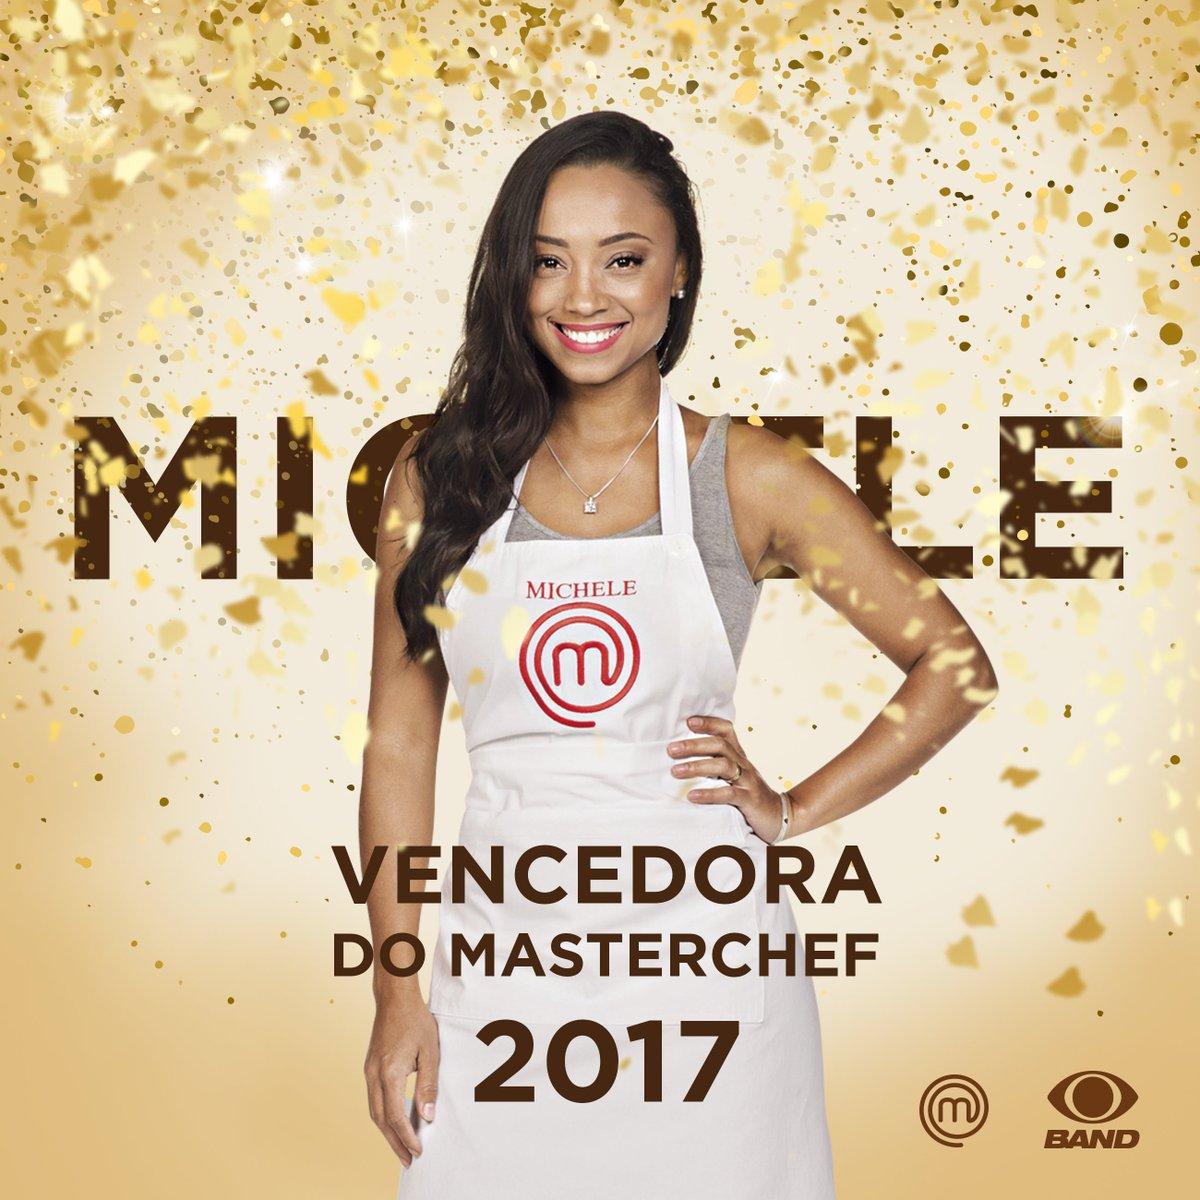 RT @masterchefbr: É com muito orgulho que anunciamos que a @MChefMichele é a nova #MasterChefBR! Parabéns! https://t.co/nUL3aLXQmO